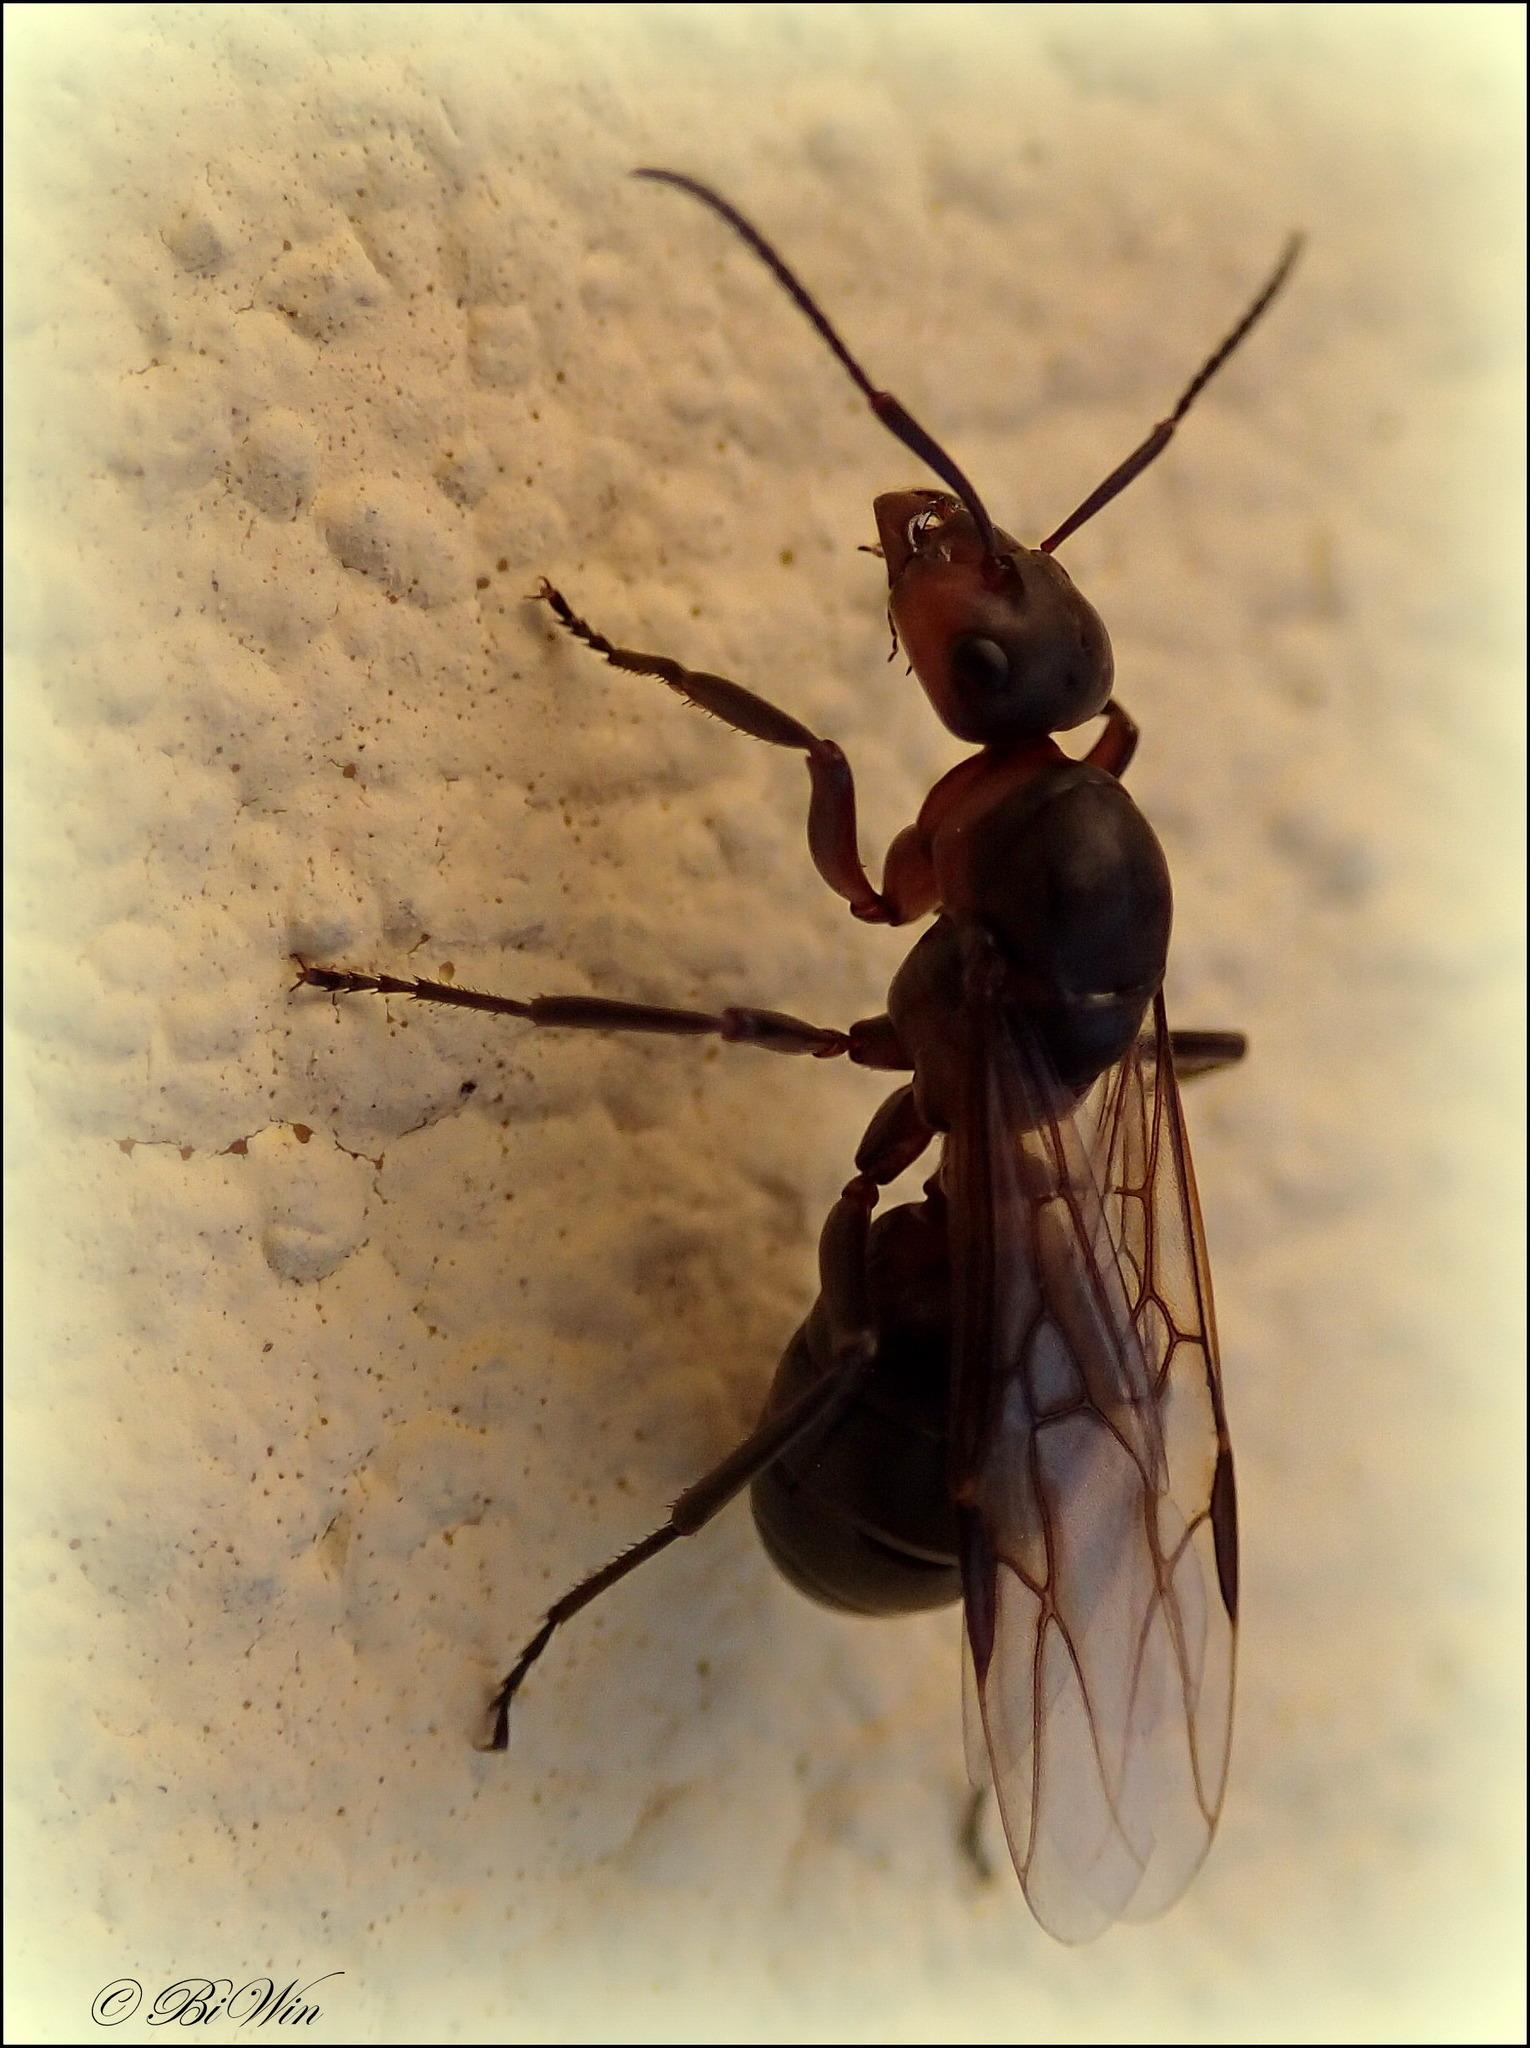 Hervorragend Fliegende Ameise auf Hochzeitsreise - Hollabrunn LD06